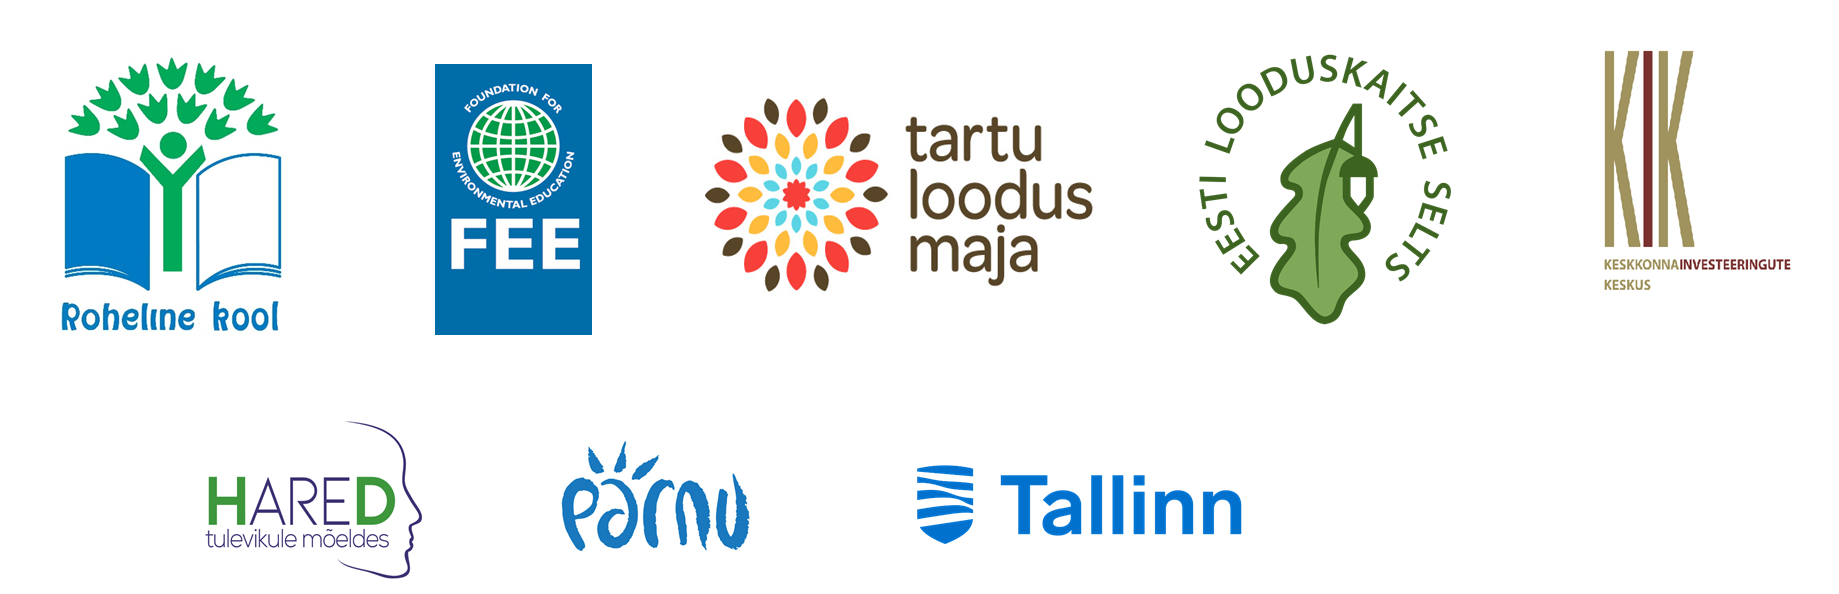 Rohelise kooli logod koos - Tartu loodusmaja